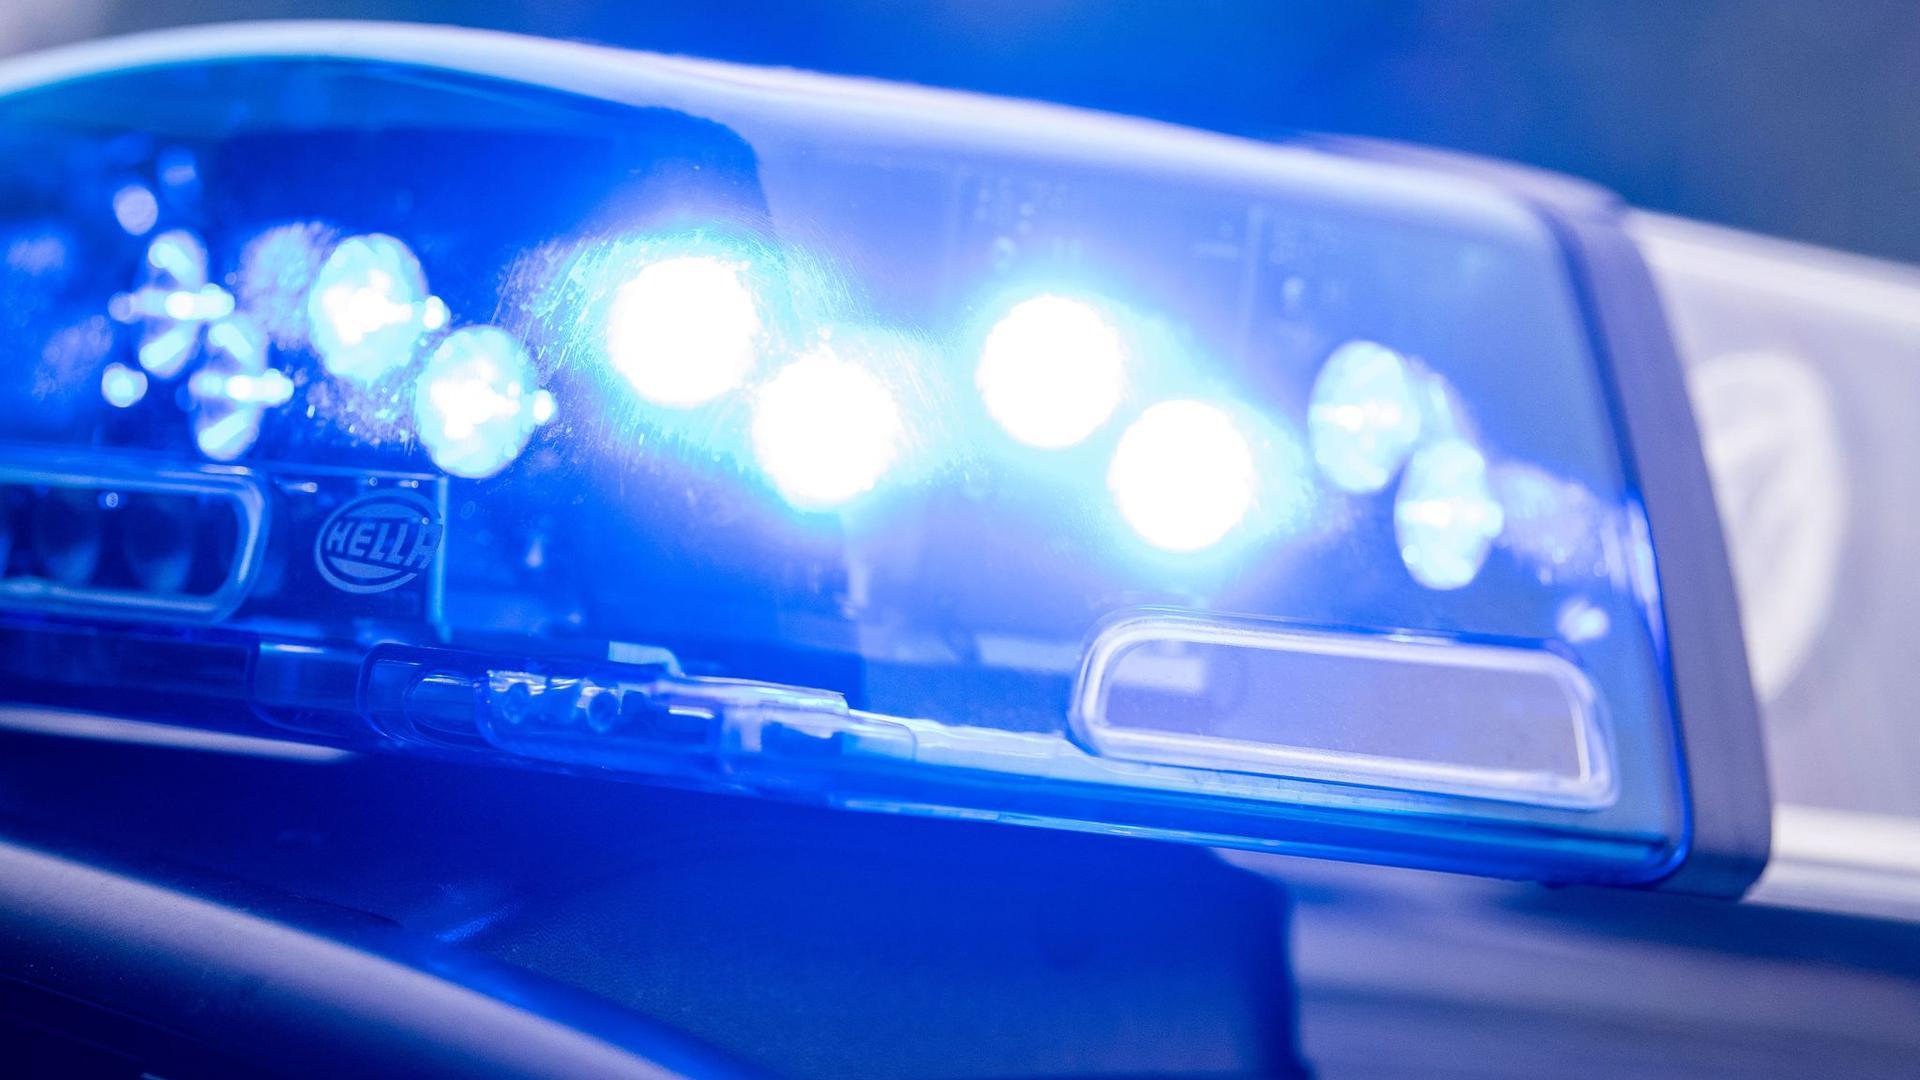 Ein Blaulicht leuchtet auf einem Polizeiauto.